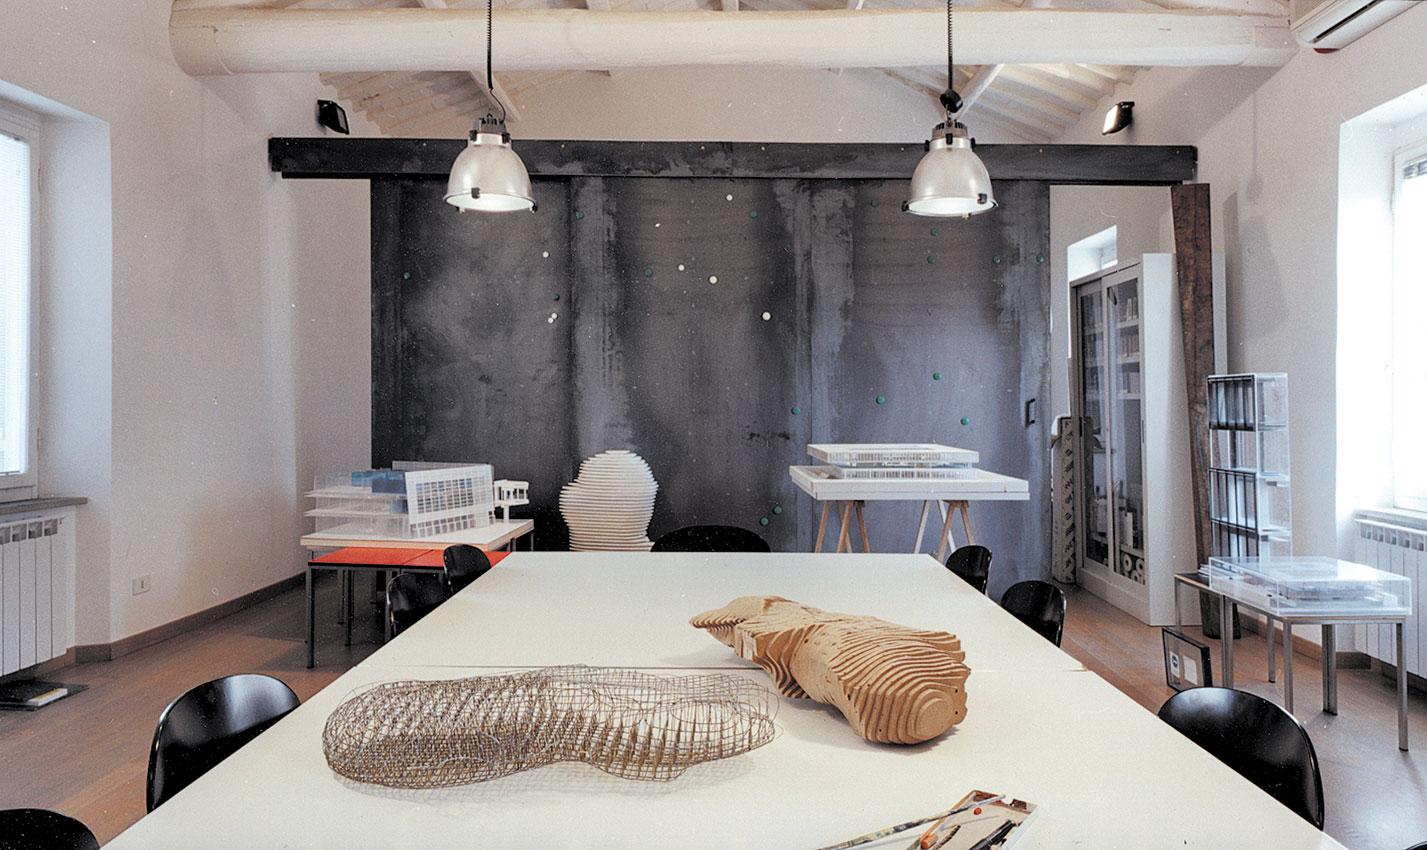 Studio M. Fuksas